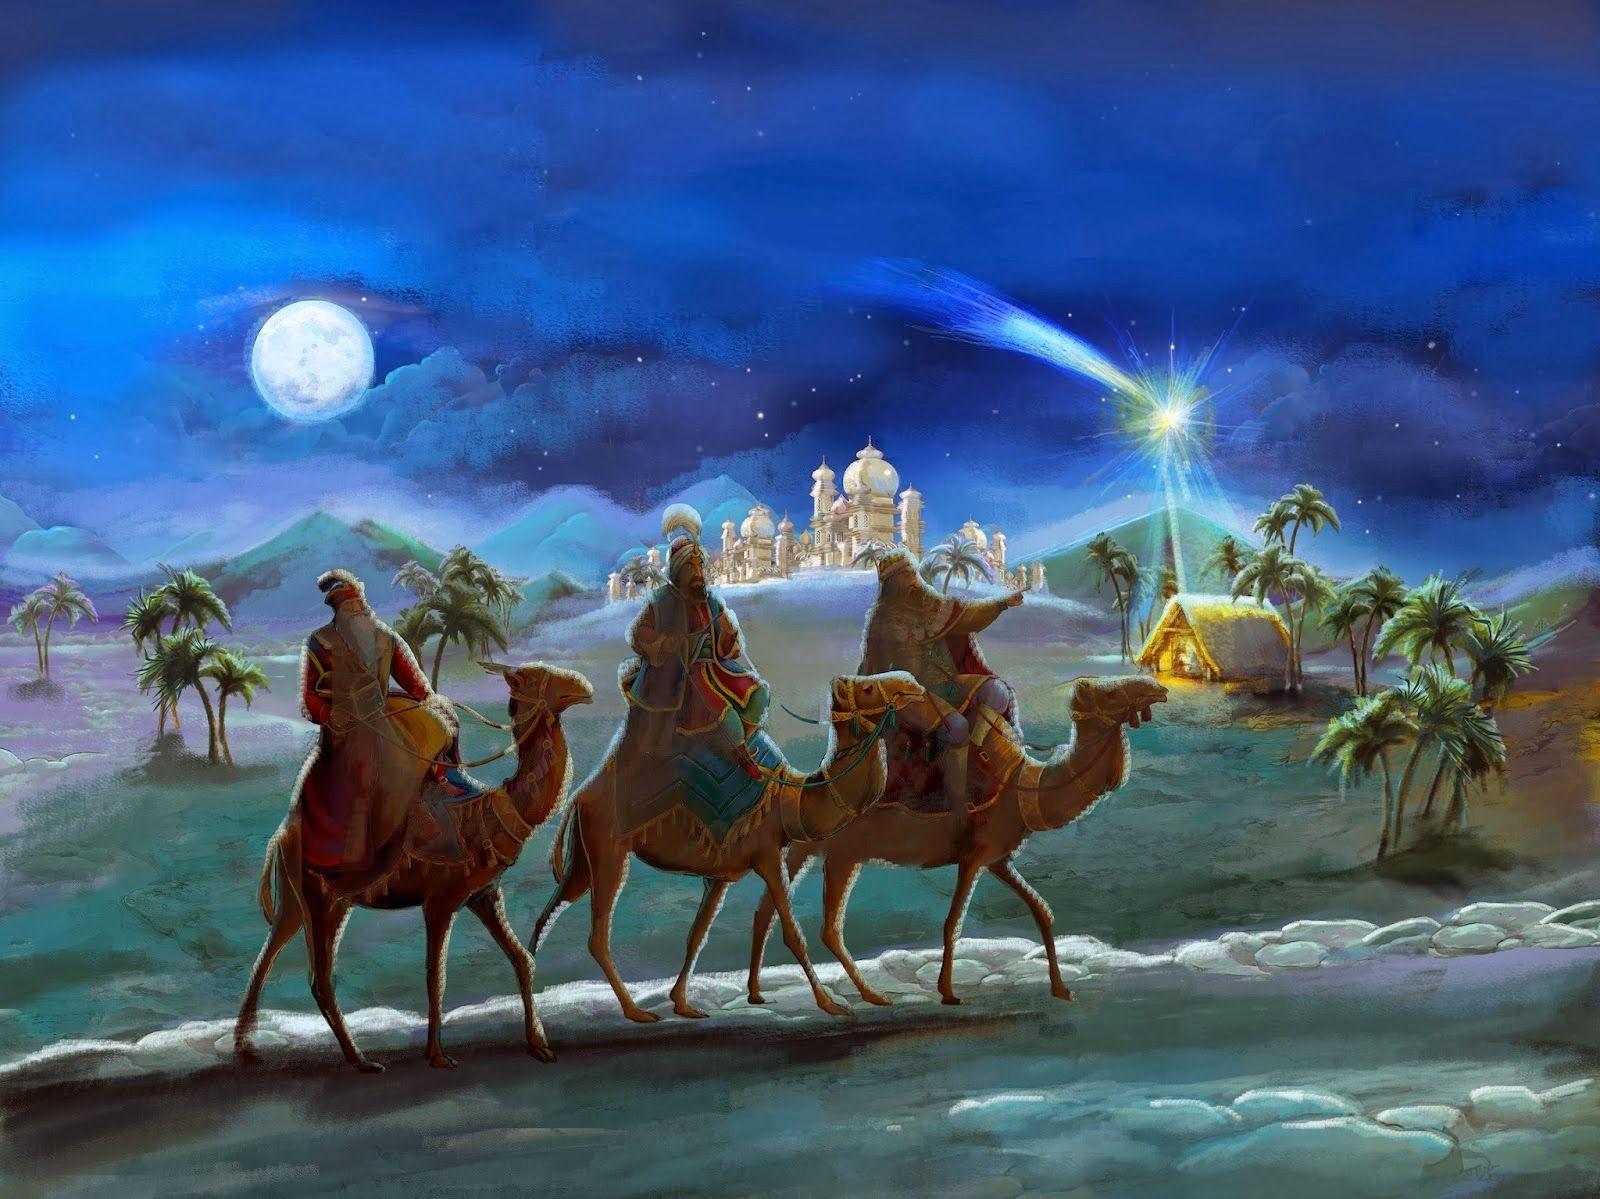 Fondos Navidad Reyes Magos Para Fondo De Pantalla En 4k 7 Hd Wallpapers